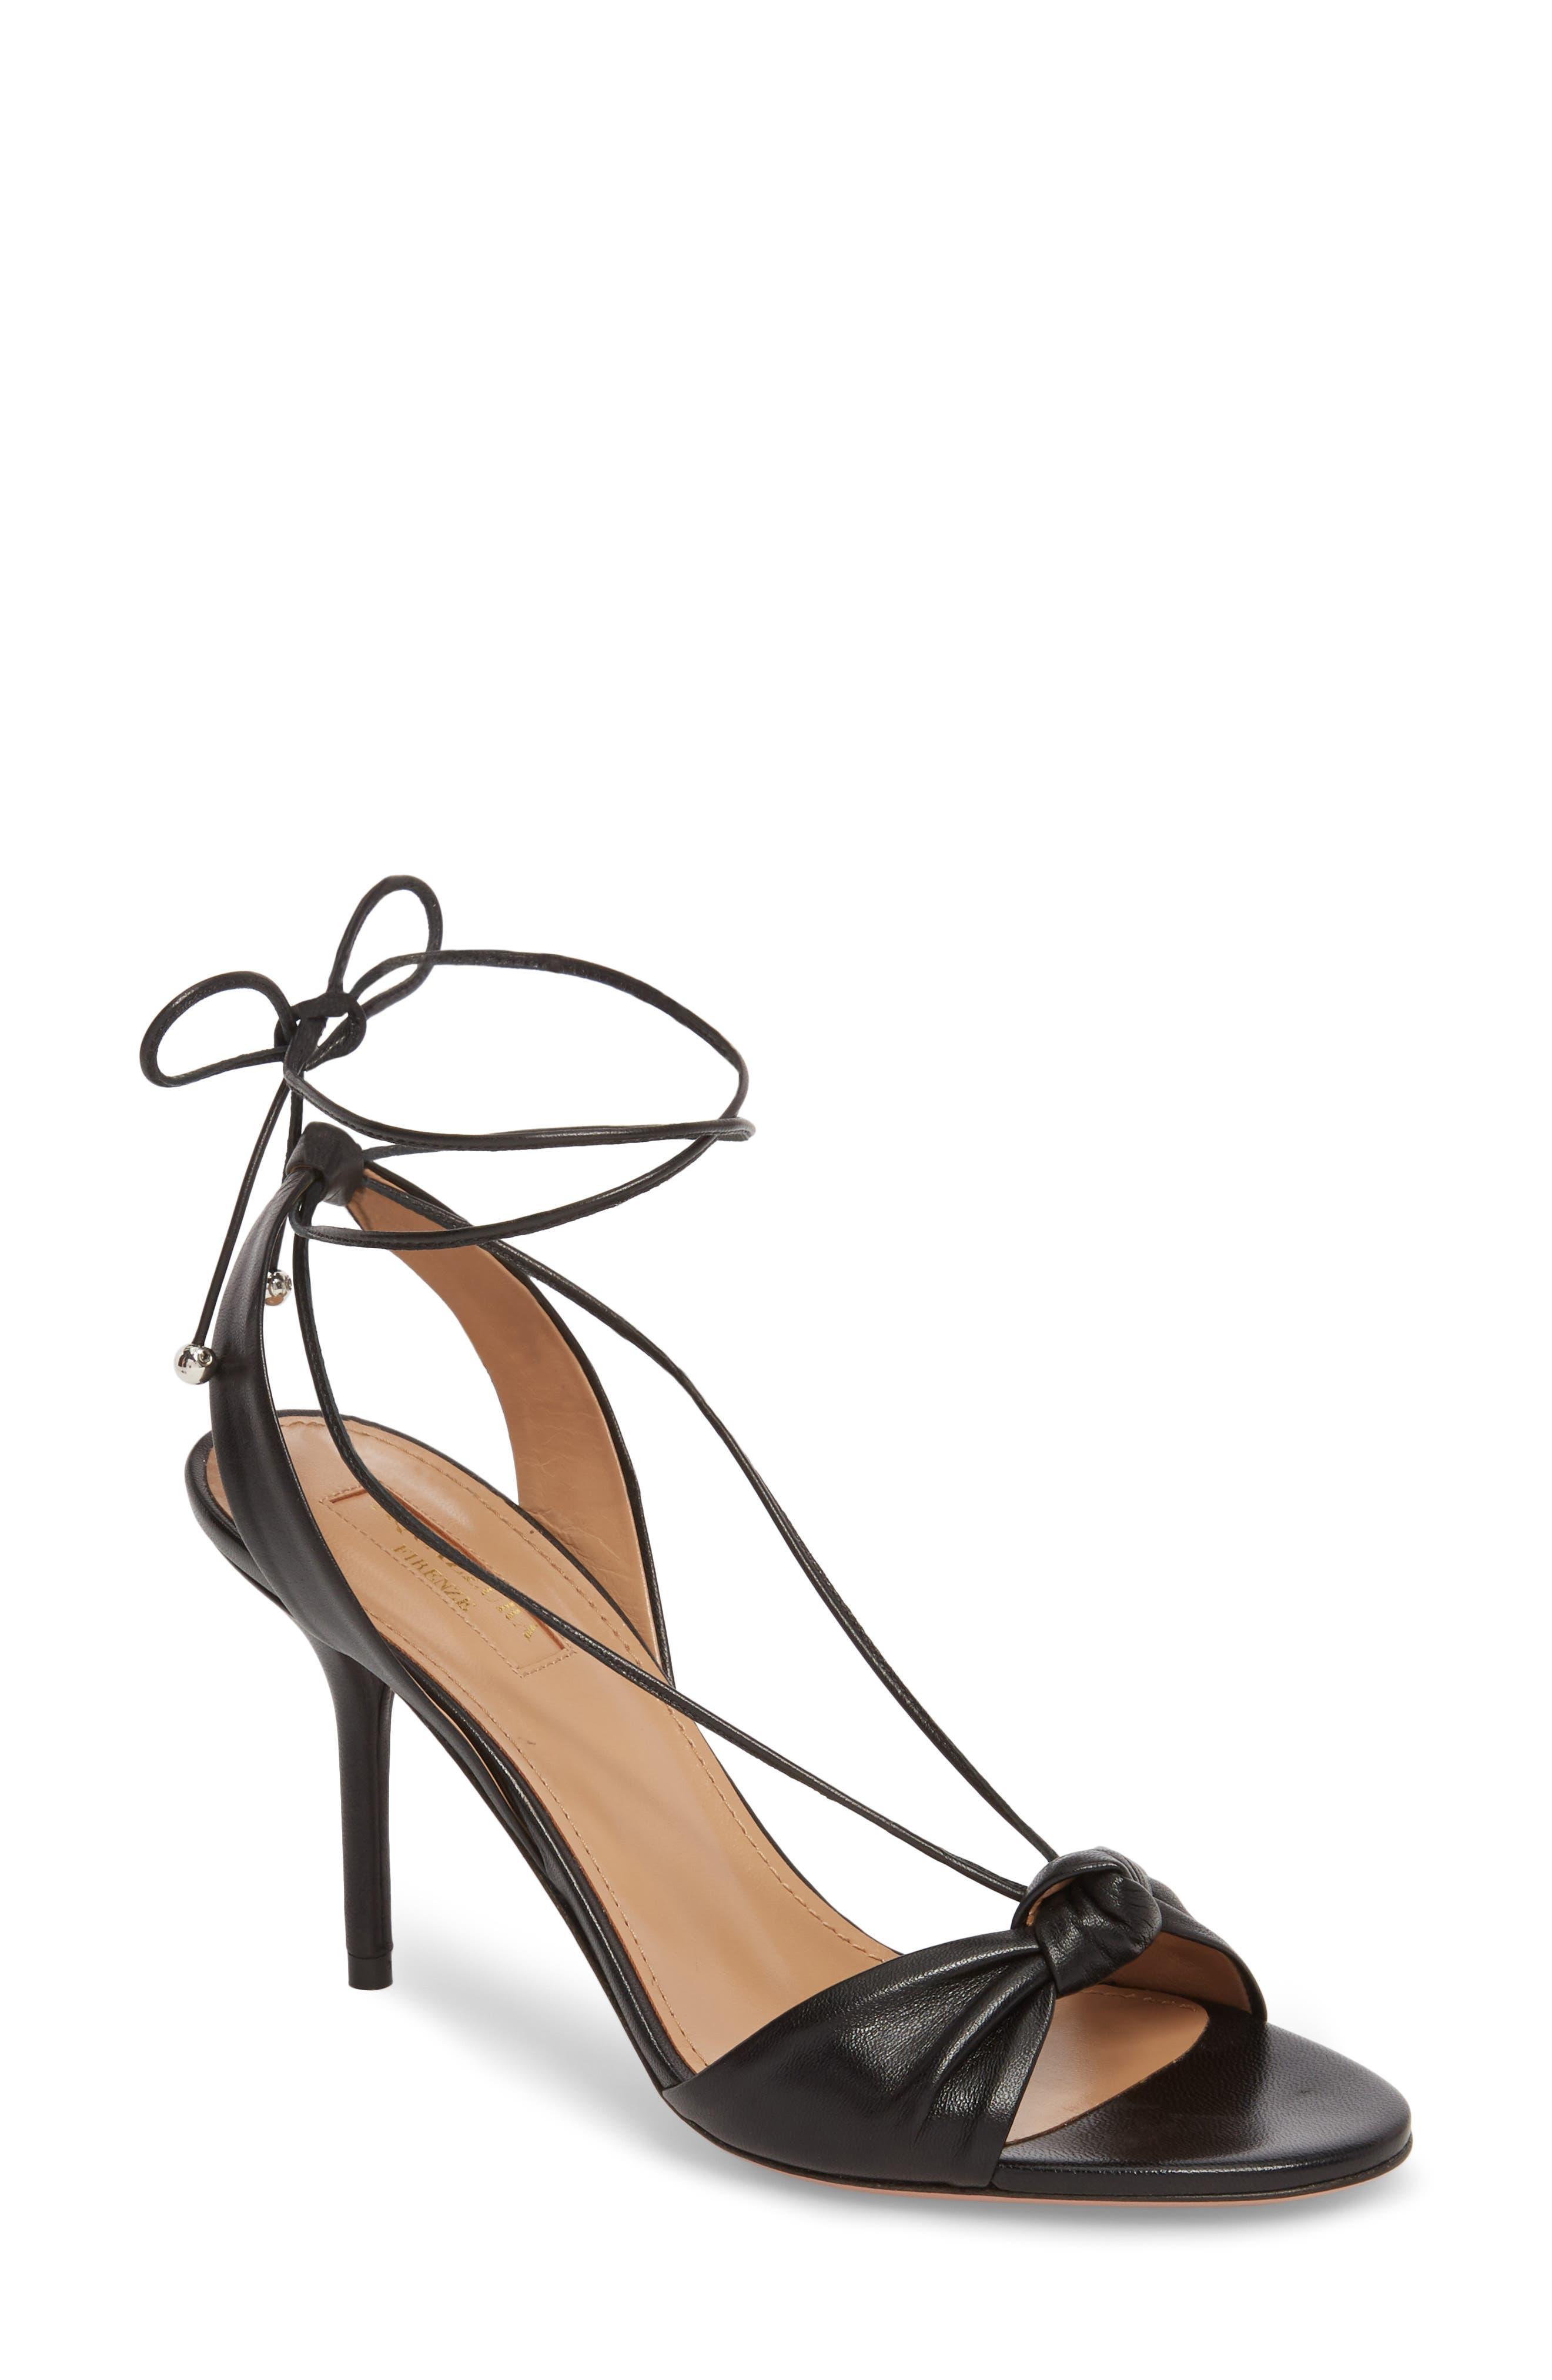 Virginie Lace-Up Sandal,                             Main thumbnail 1, color,                             BLACK